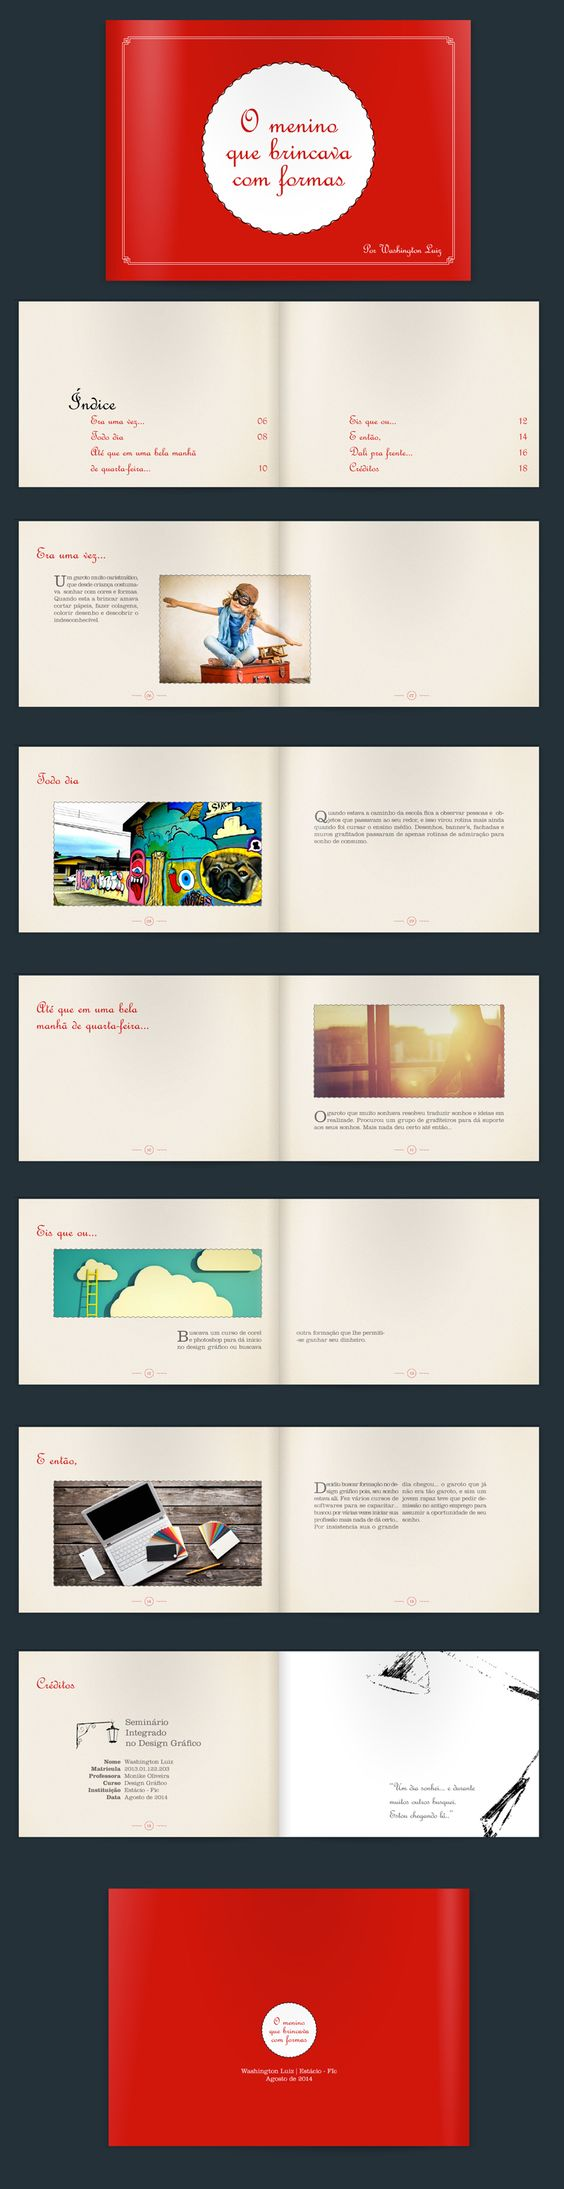 Livro desenvolvido para o curso de design gráfico da Estácio do Ceará. Imagens coletadas livremente na internet para uso ilustrativo.